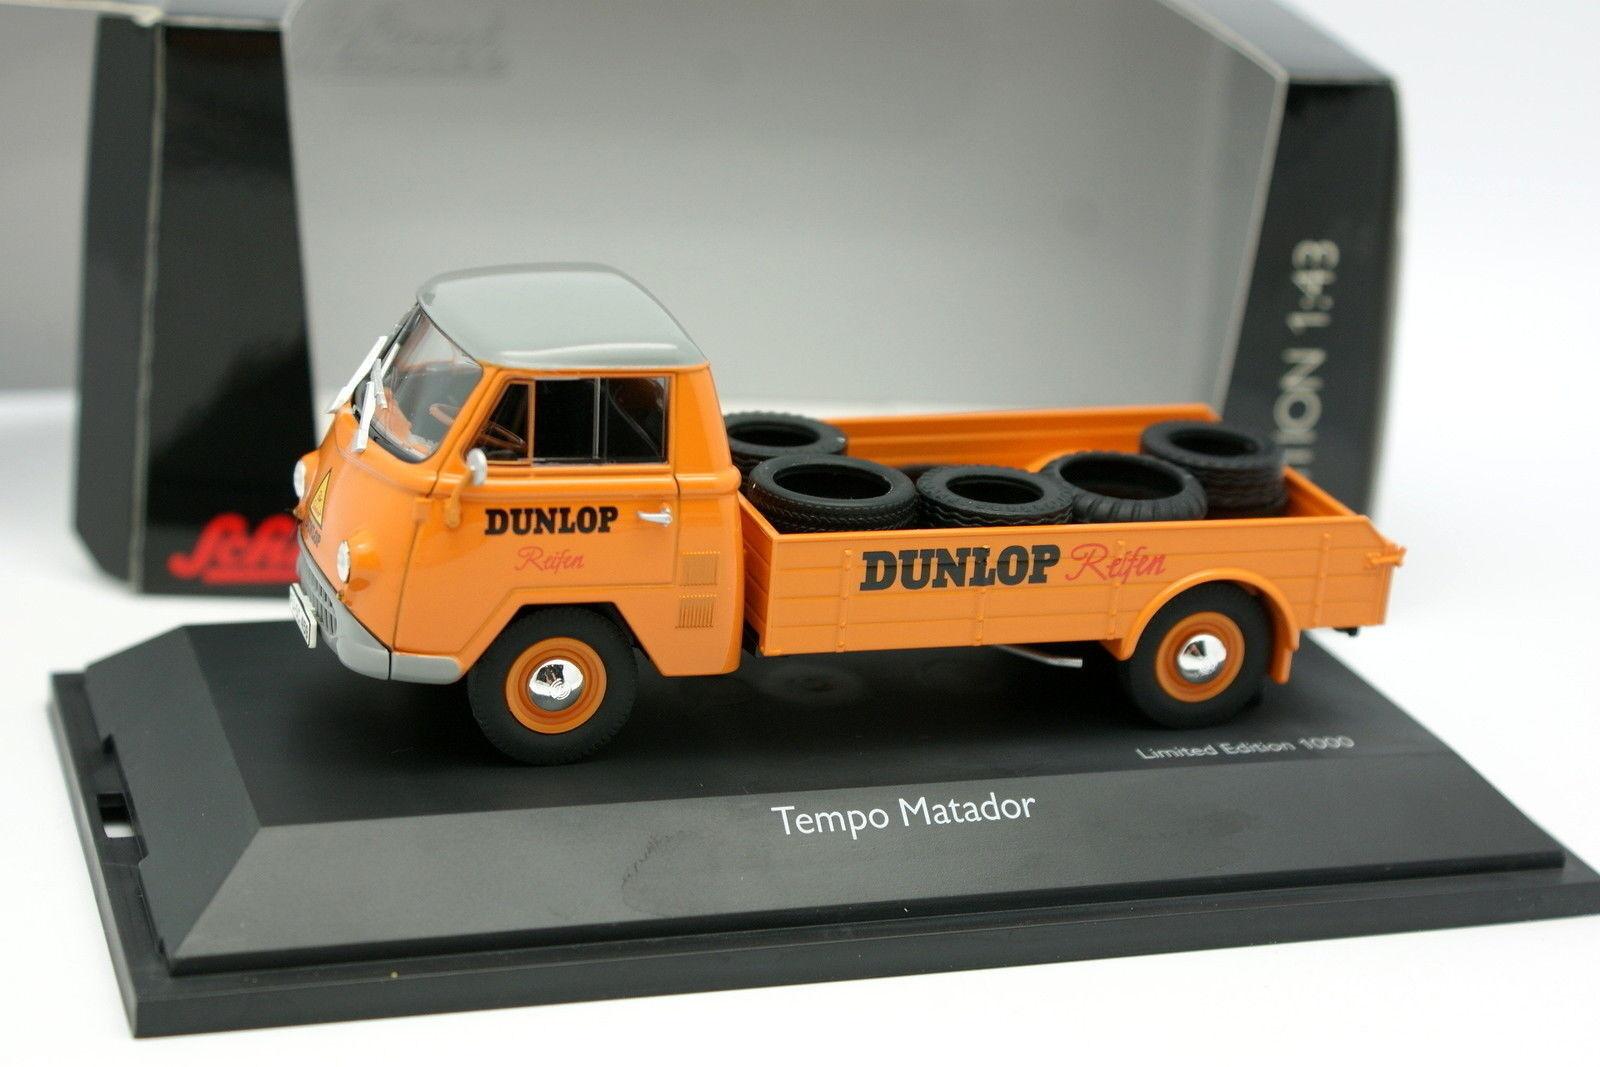 Schuco 1 43 - Matador De Tempo Dunlop Reifen Neumáticos